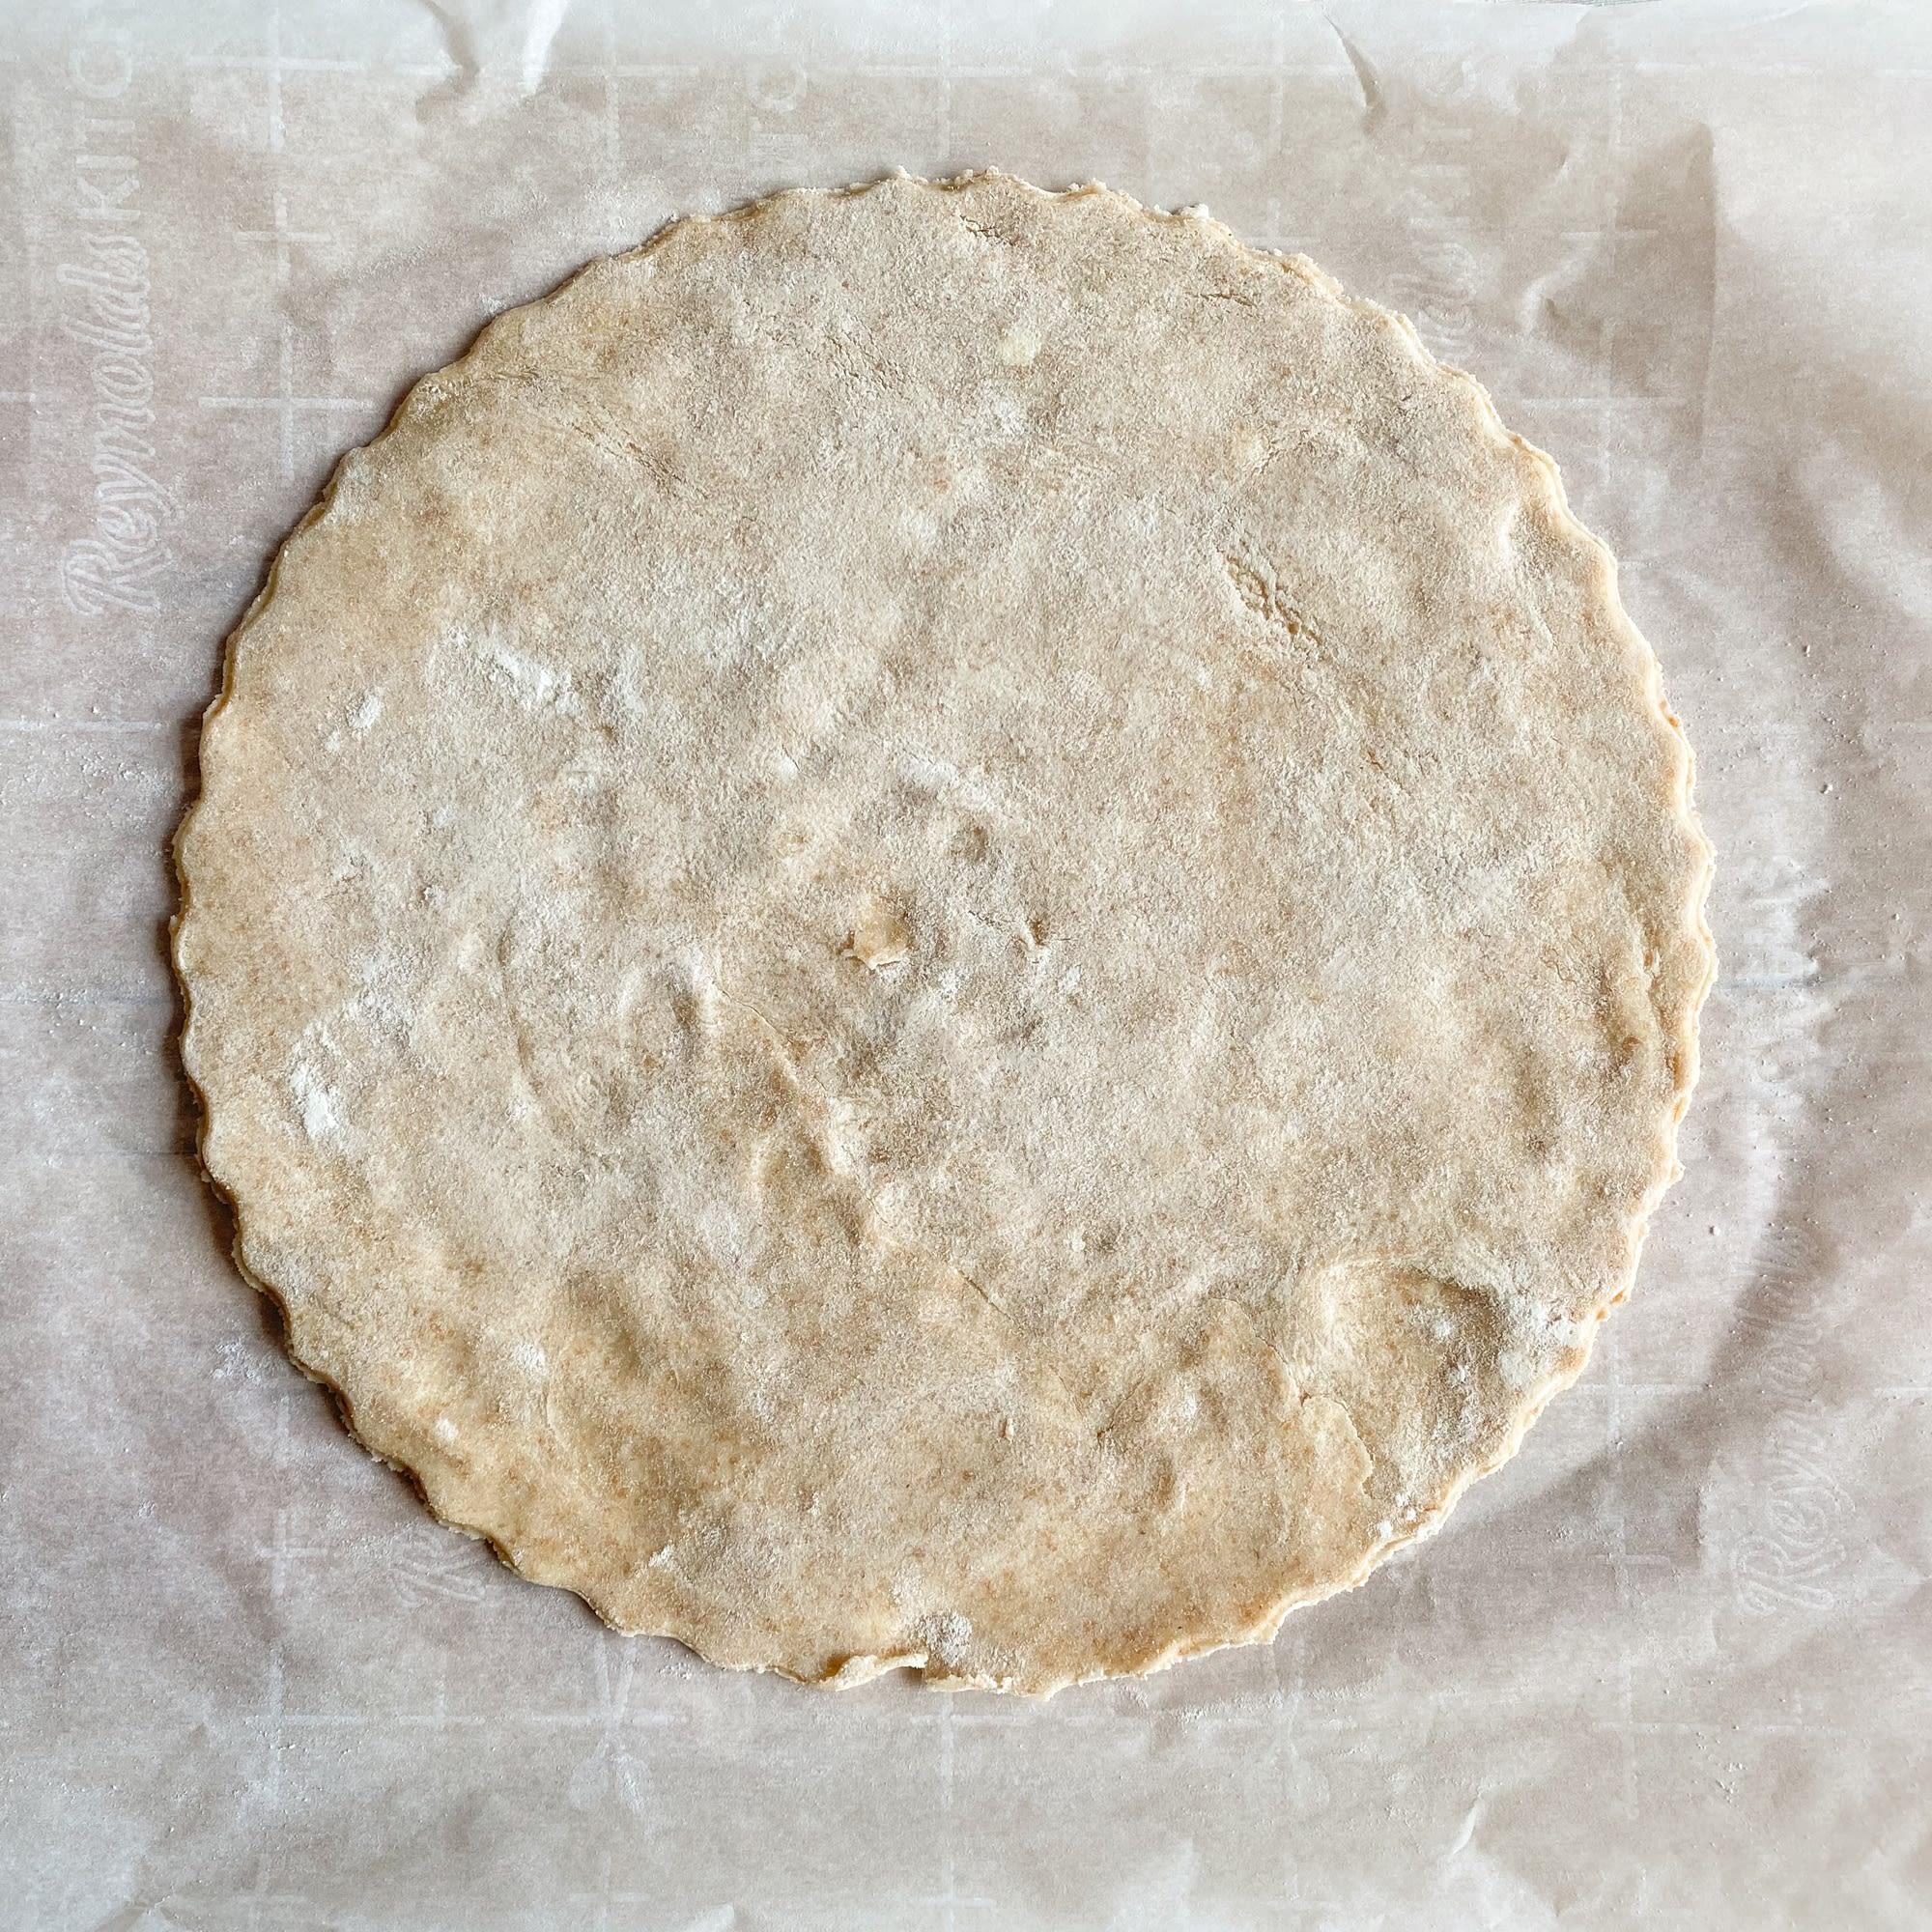 Prepare your dough.